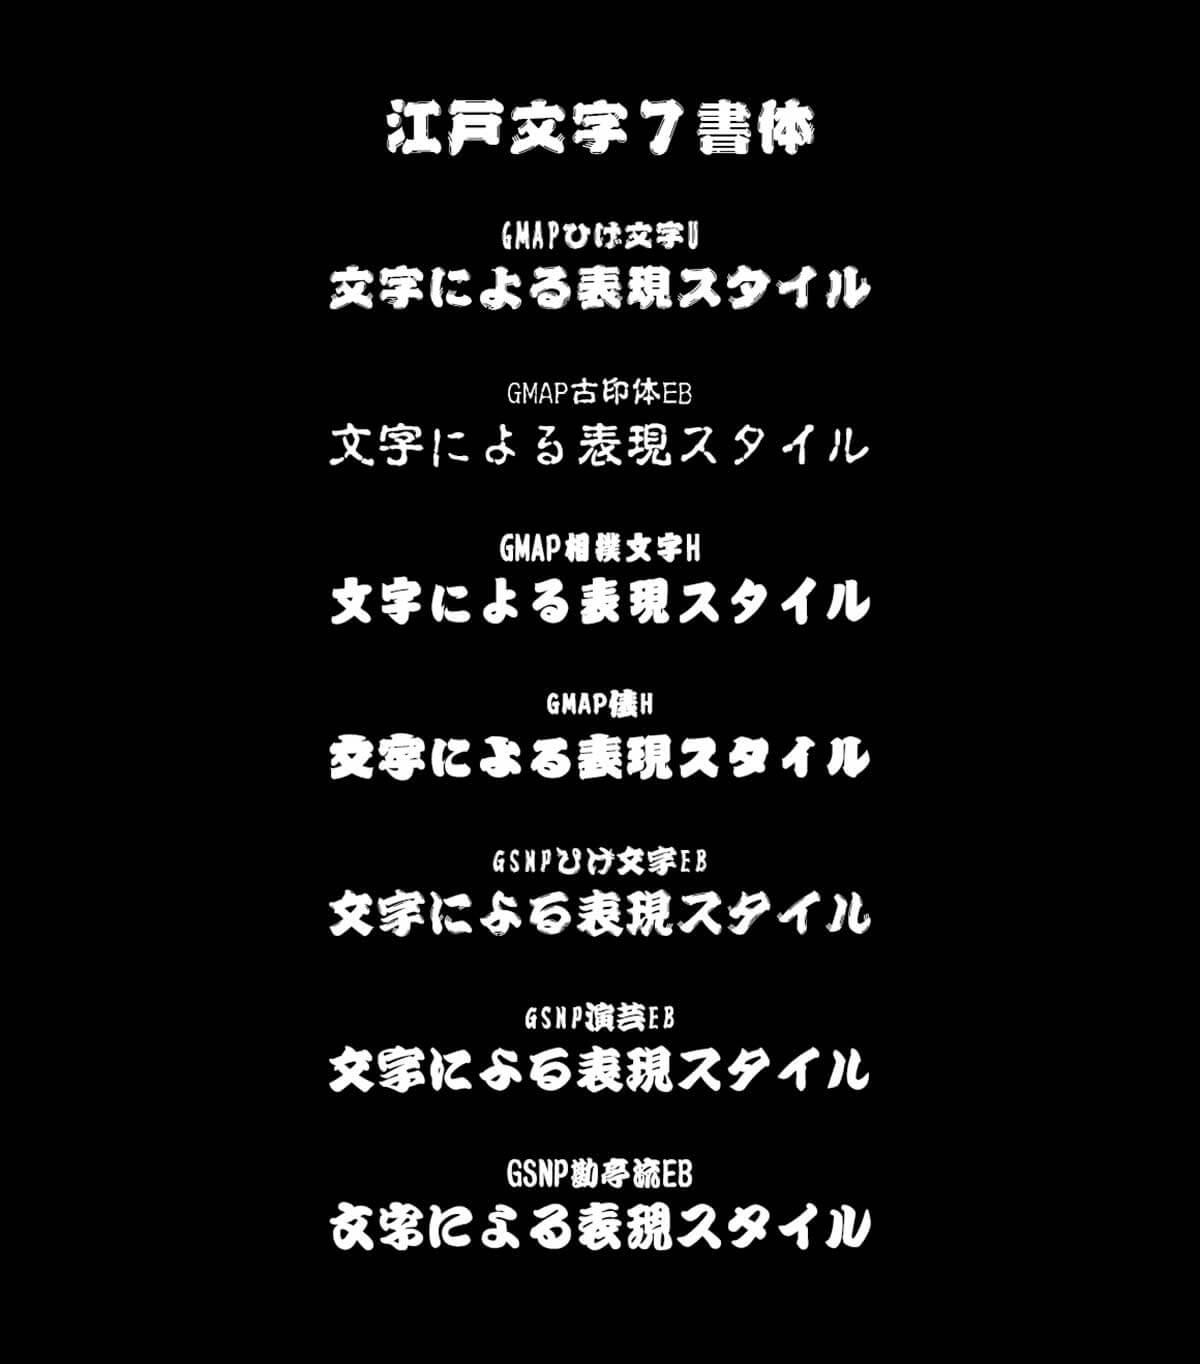 江戸文字7書体